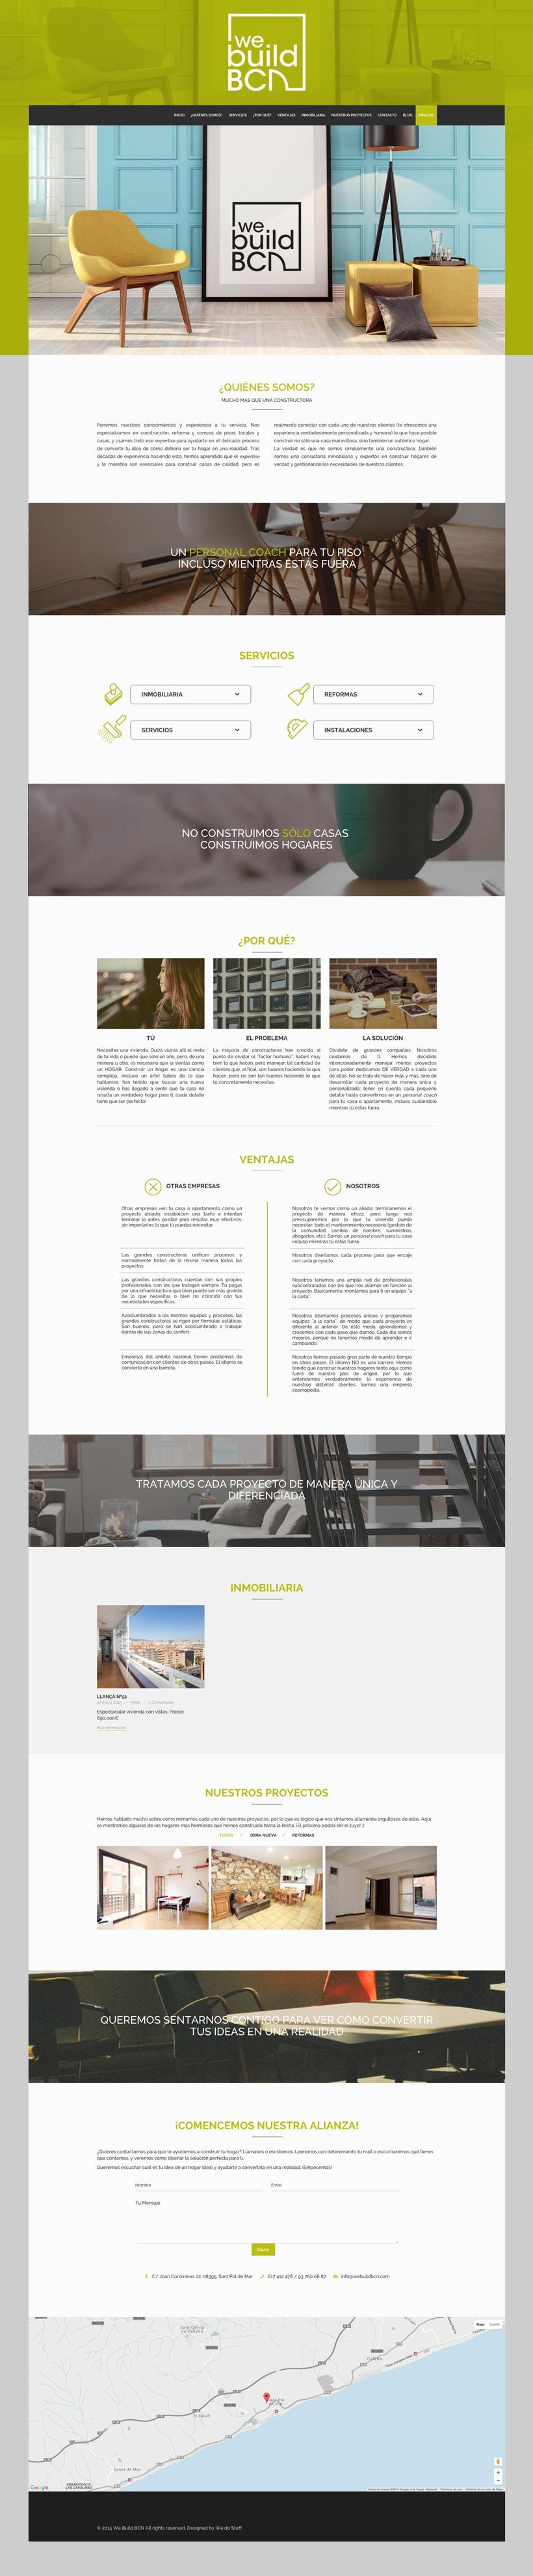 Diseño Web / Maquetación Parallax 0